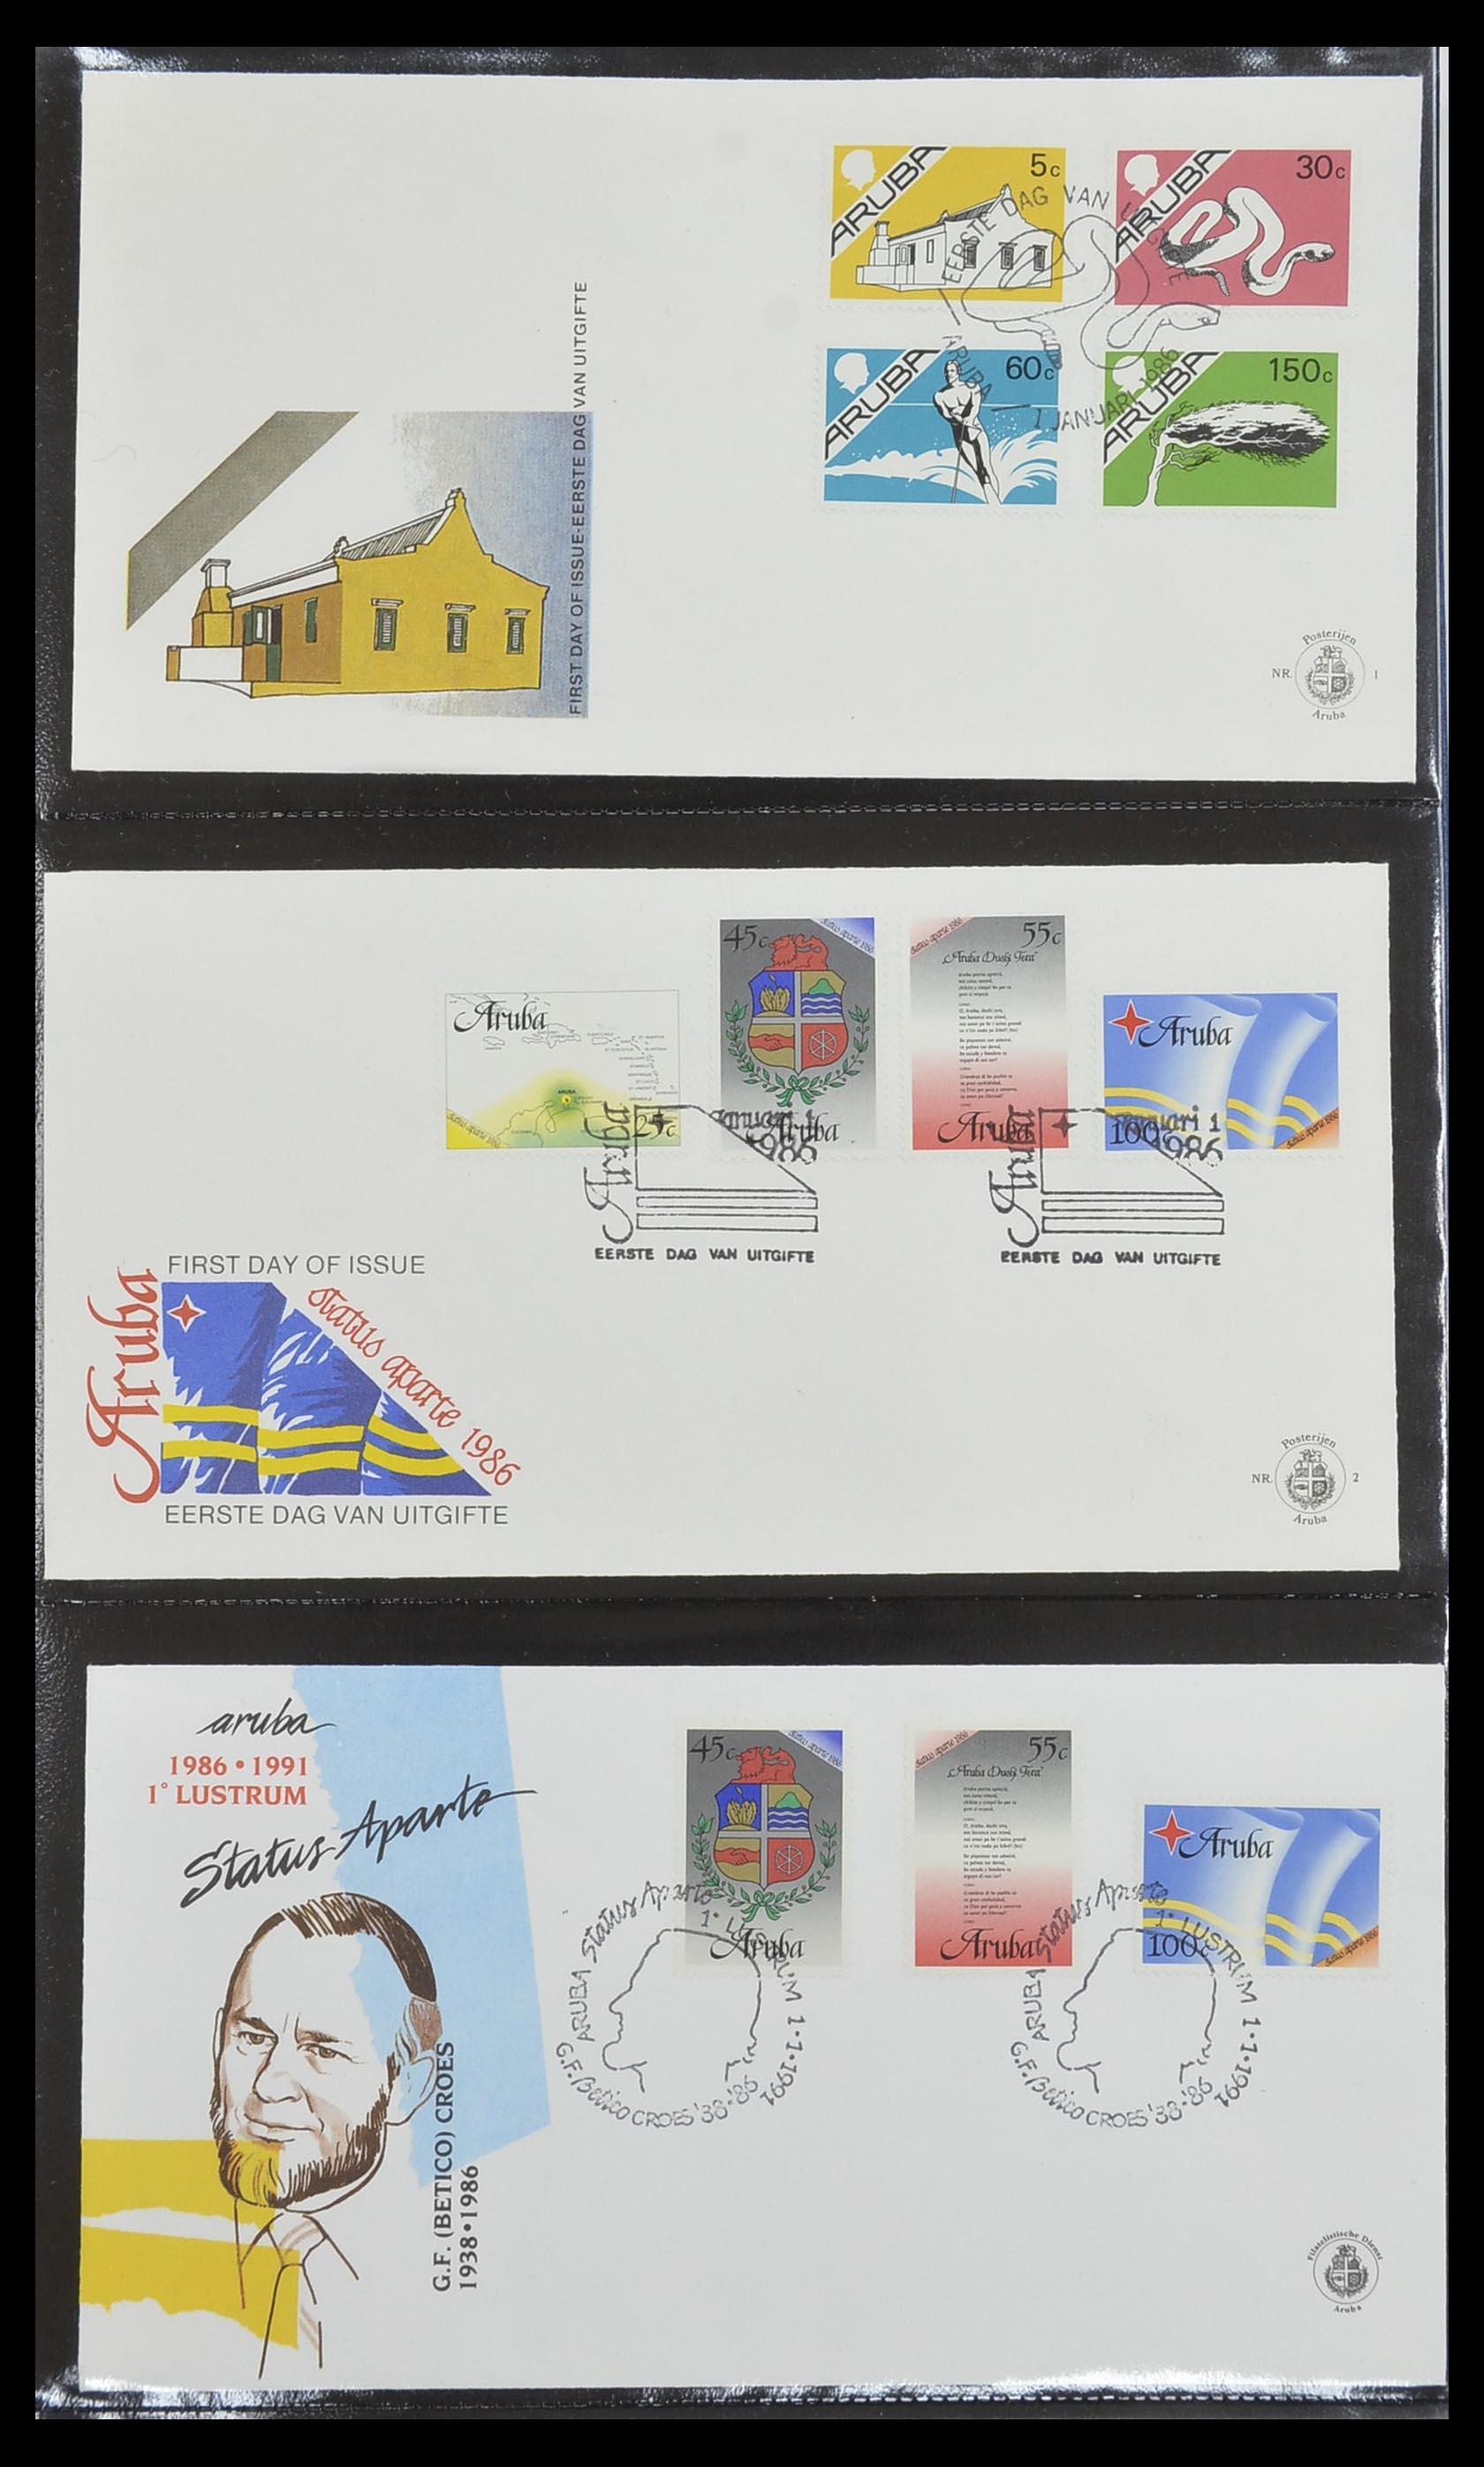 33585 001 - Postzegelverzameling 33585 Aruba FDC's 1986-2006.